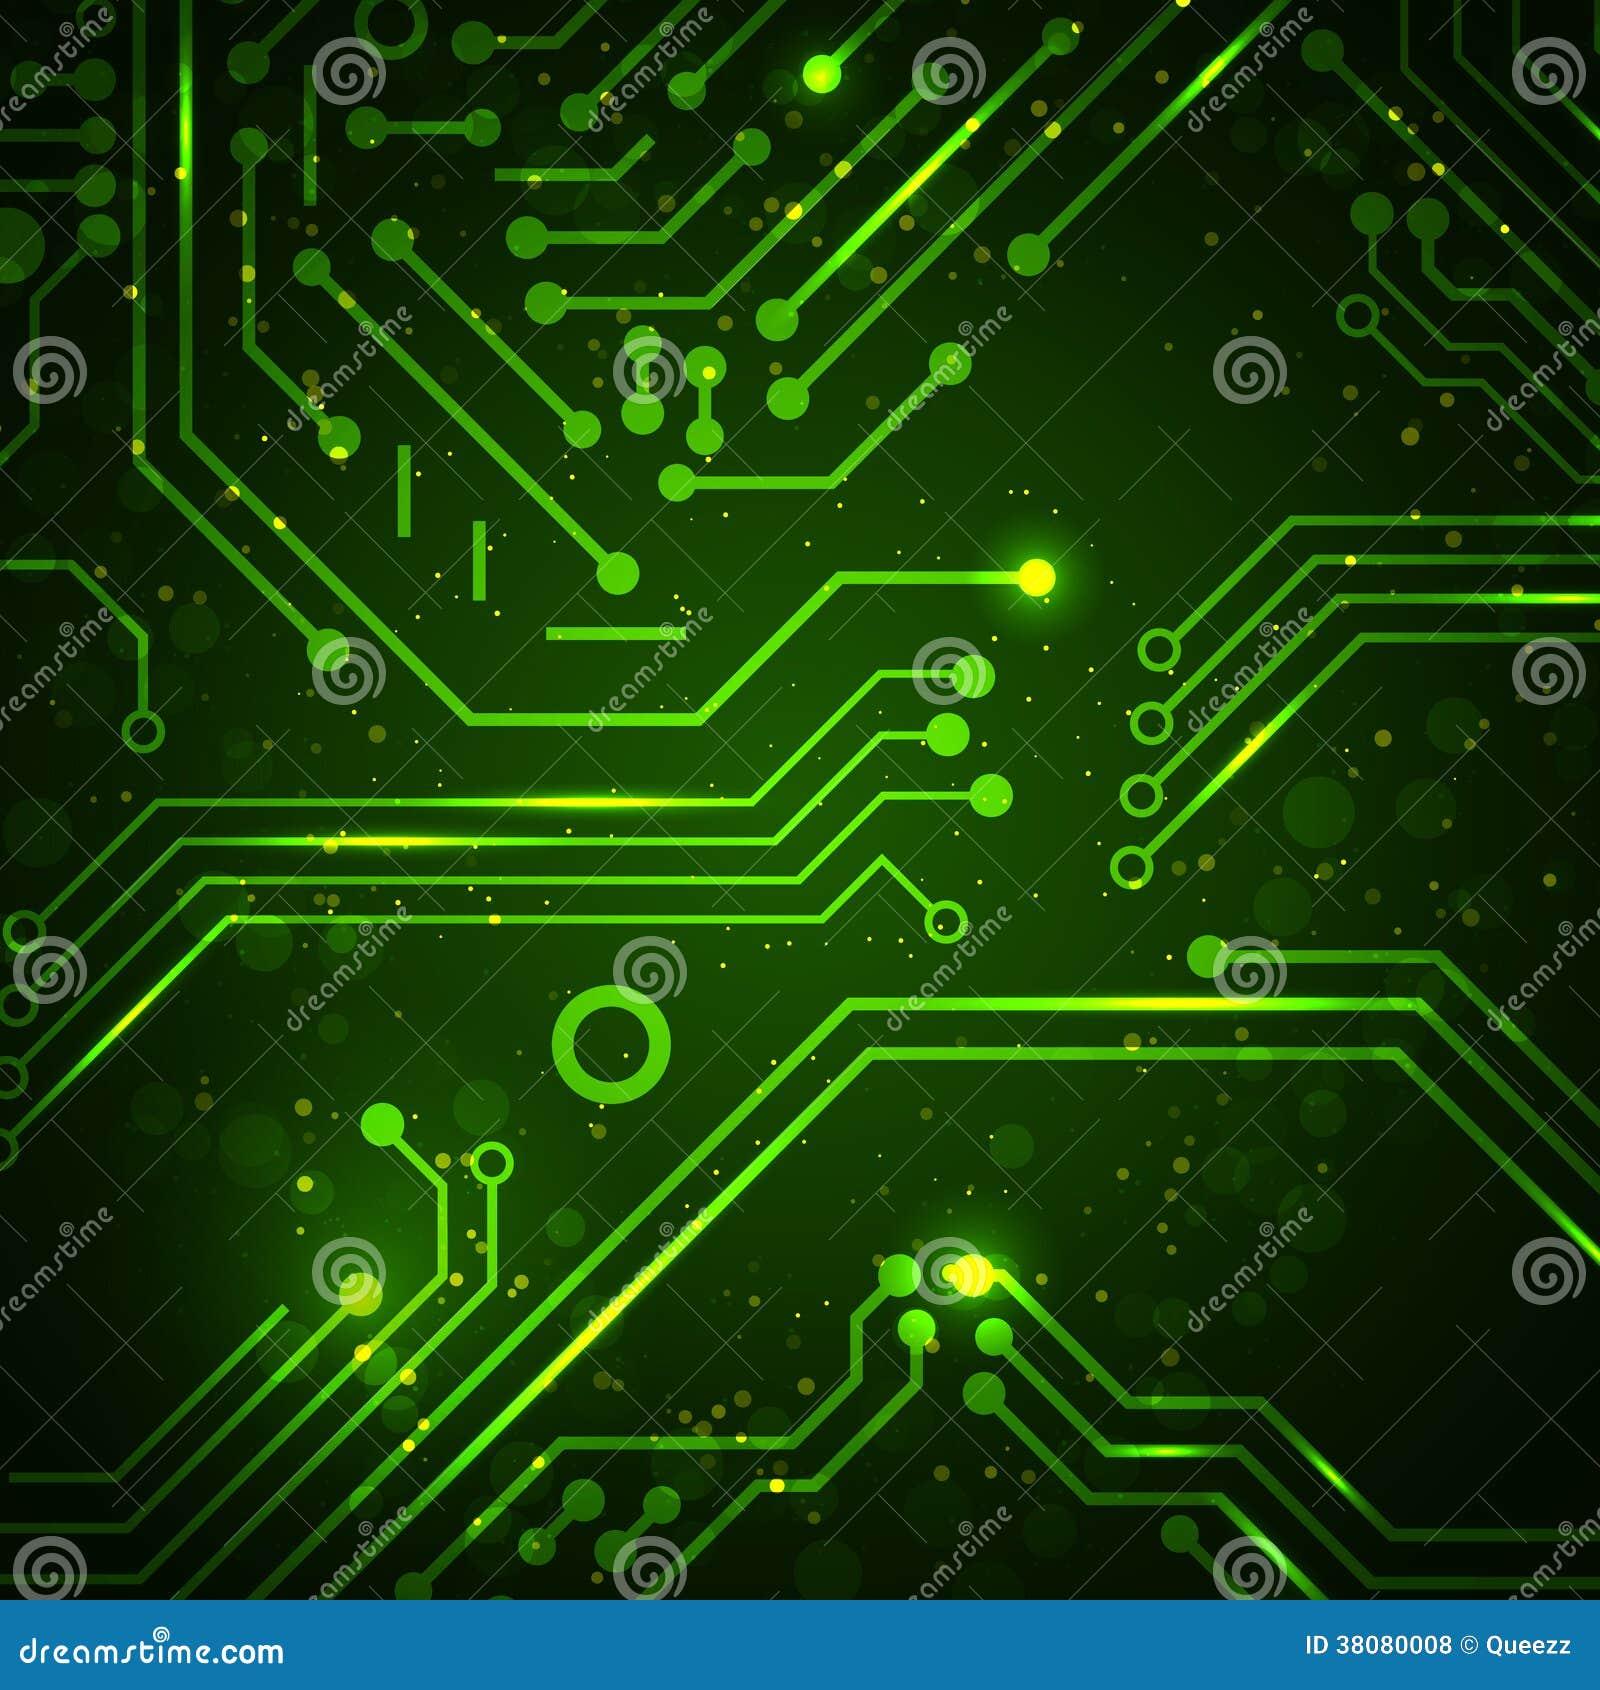 Wallpaper Circuito Eletronico: Las Mejores Acciones